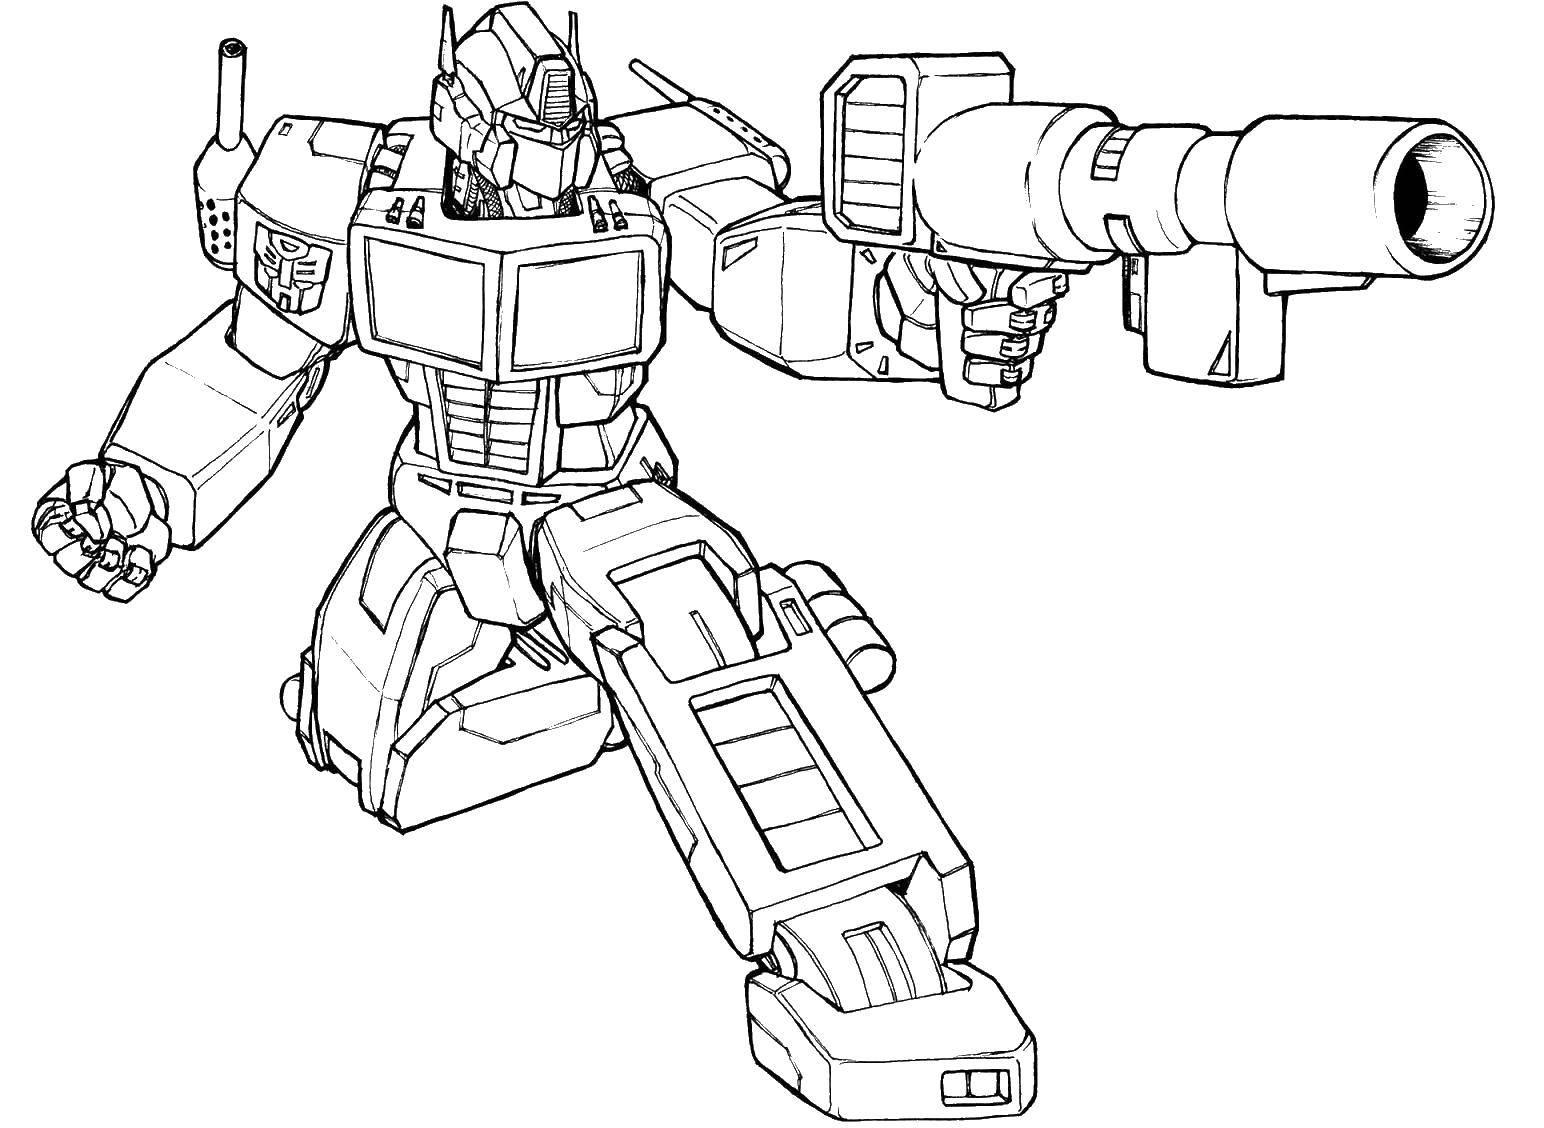 Раскраска Трансформер стрелает. Скачать трансформеры, роботы, мультфильмы, автомат.  Распечатать ,трансформеры,